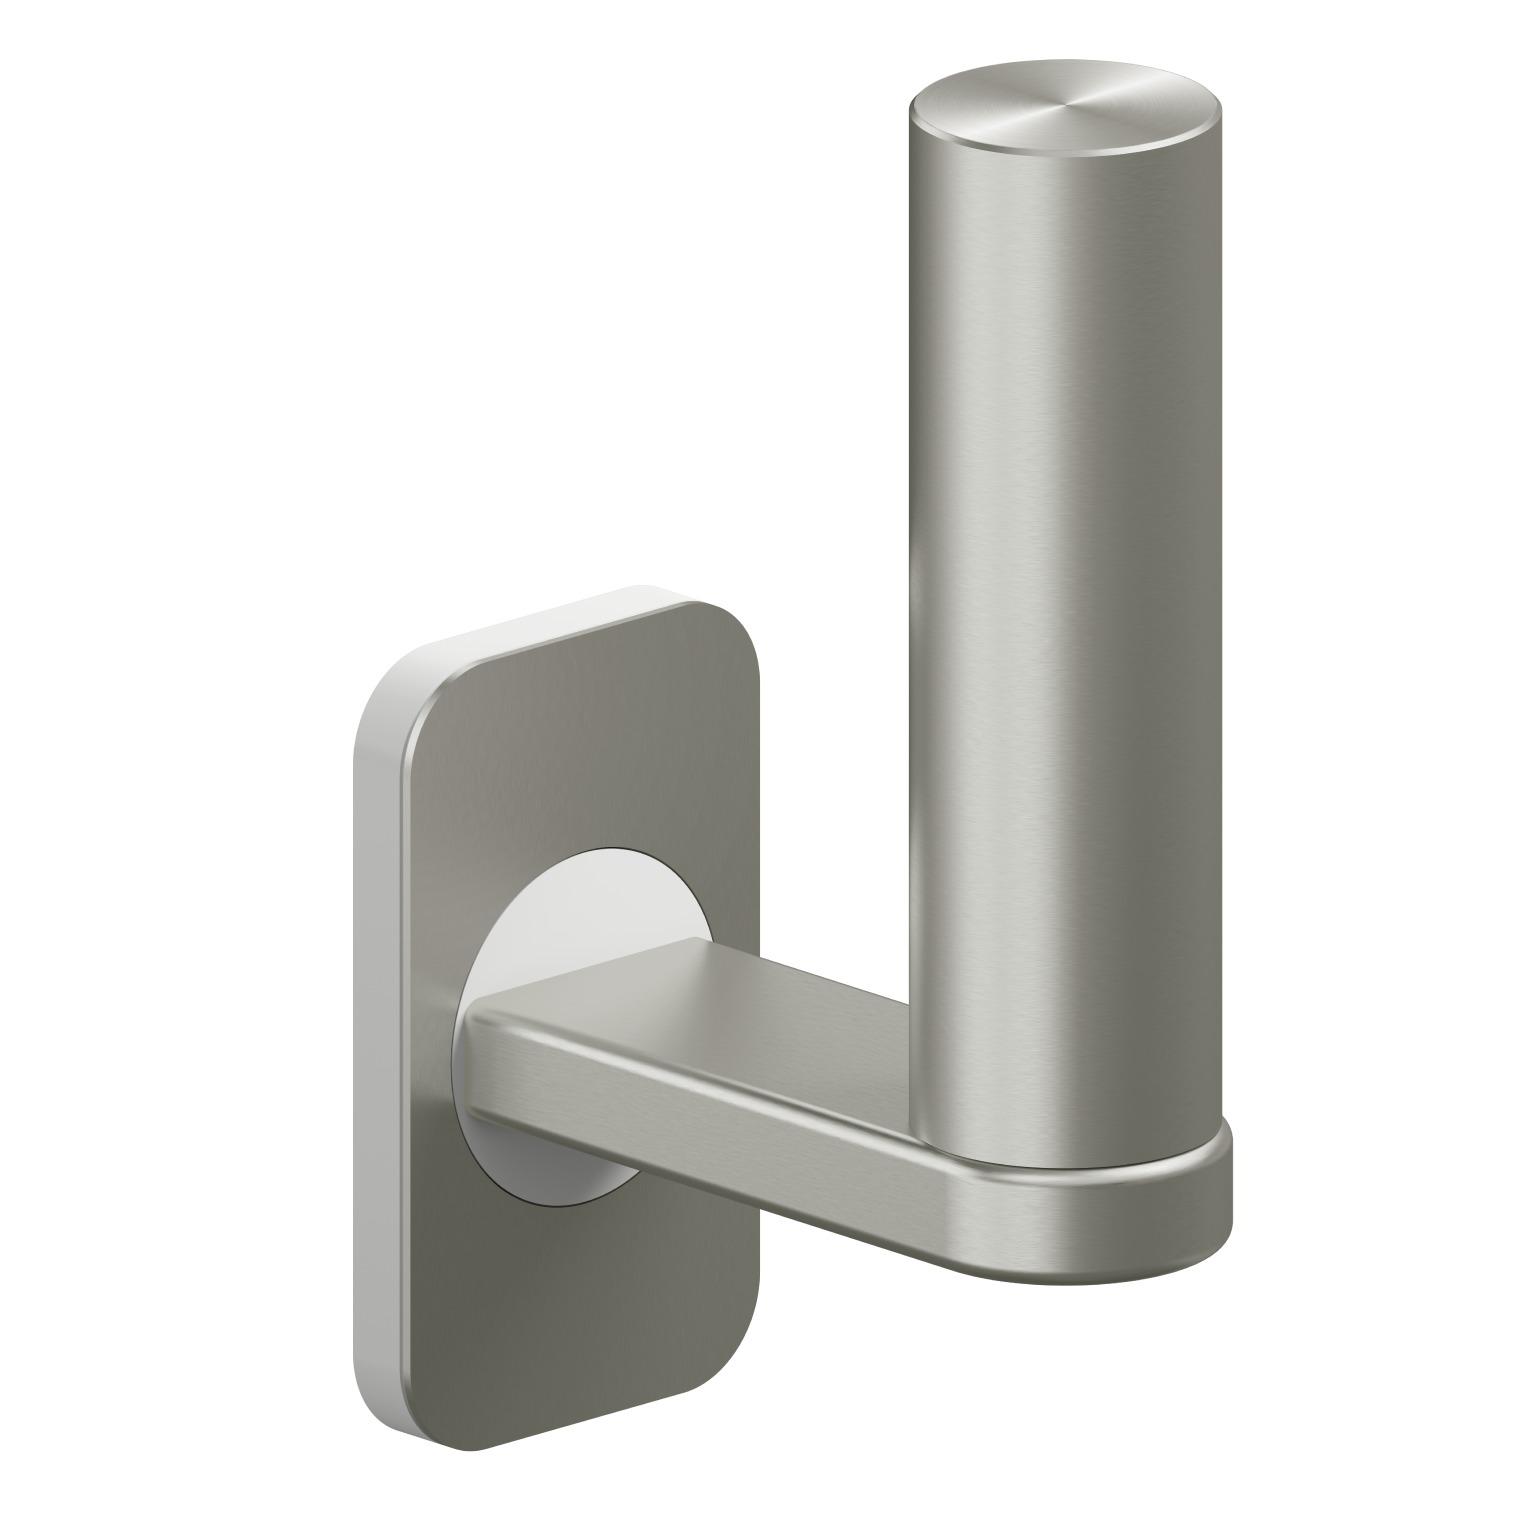 Evolution - WC-Reserrollenhalter - L31051001